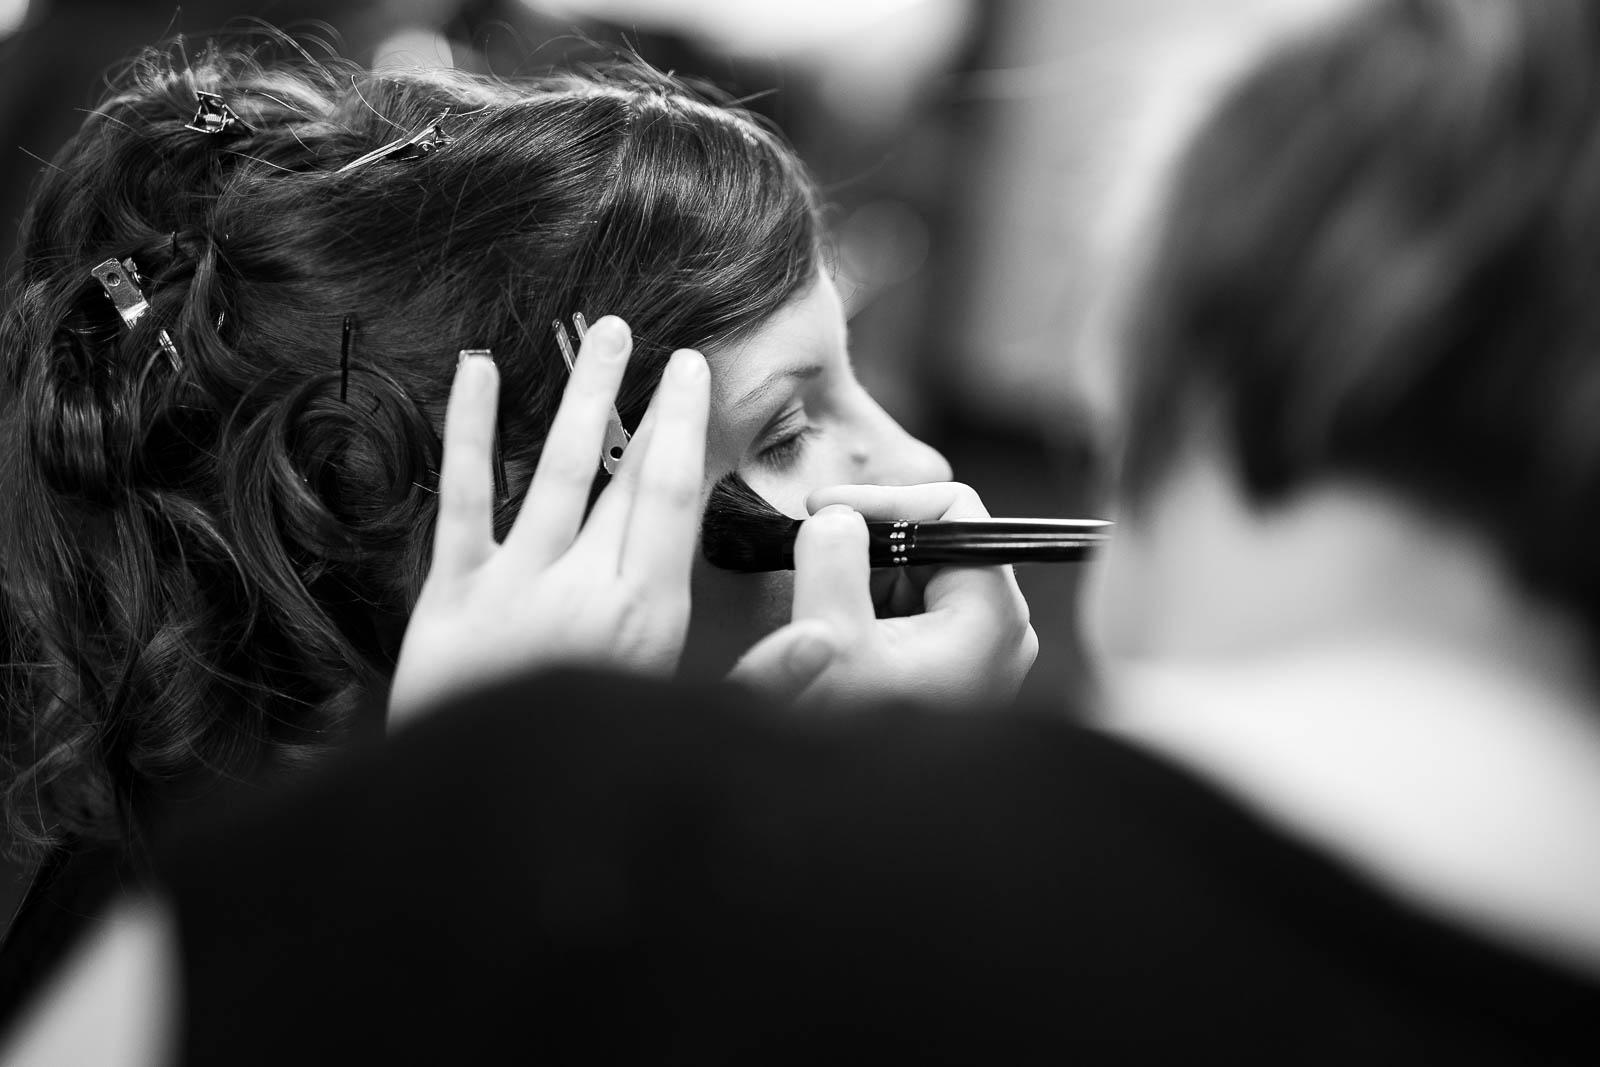 Mariages - ©Yohan Boniface Photographe - Mariage Portraits Immobilier Entreprises Clermont Ferrand Auvergne France (20).jpg